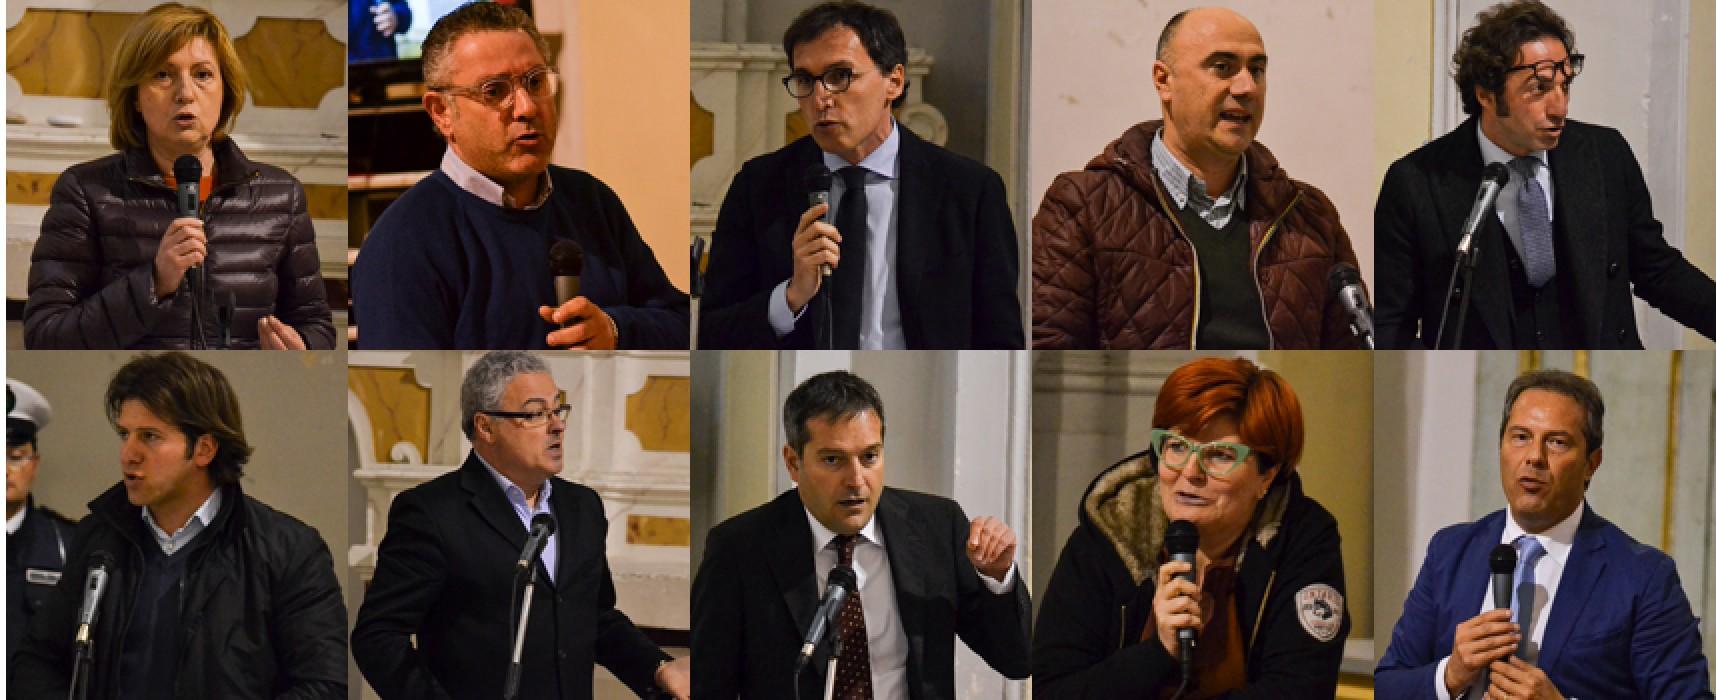 Consiglio comunale sul lavoro: domina il dibattito politico, scarseggiano le proposte / FOTO